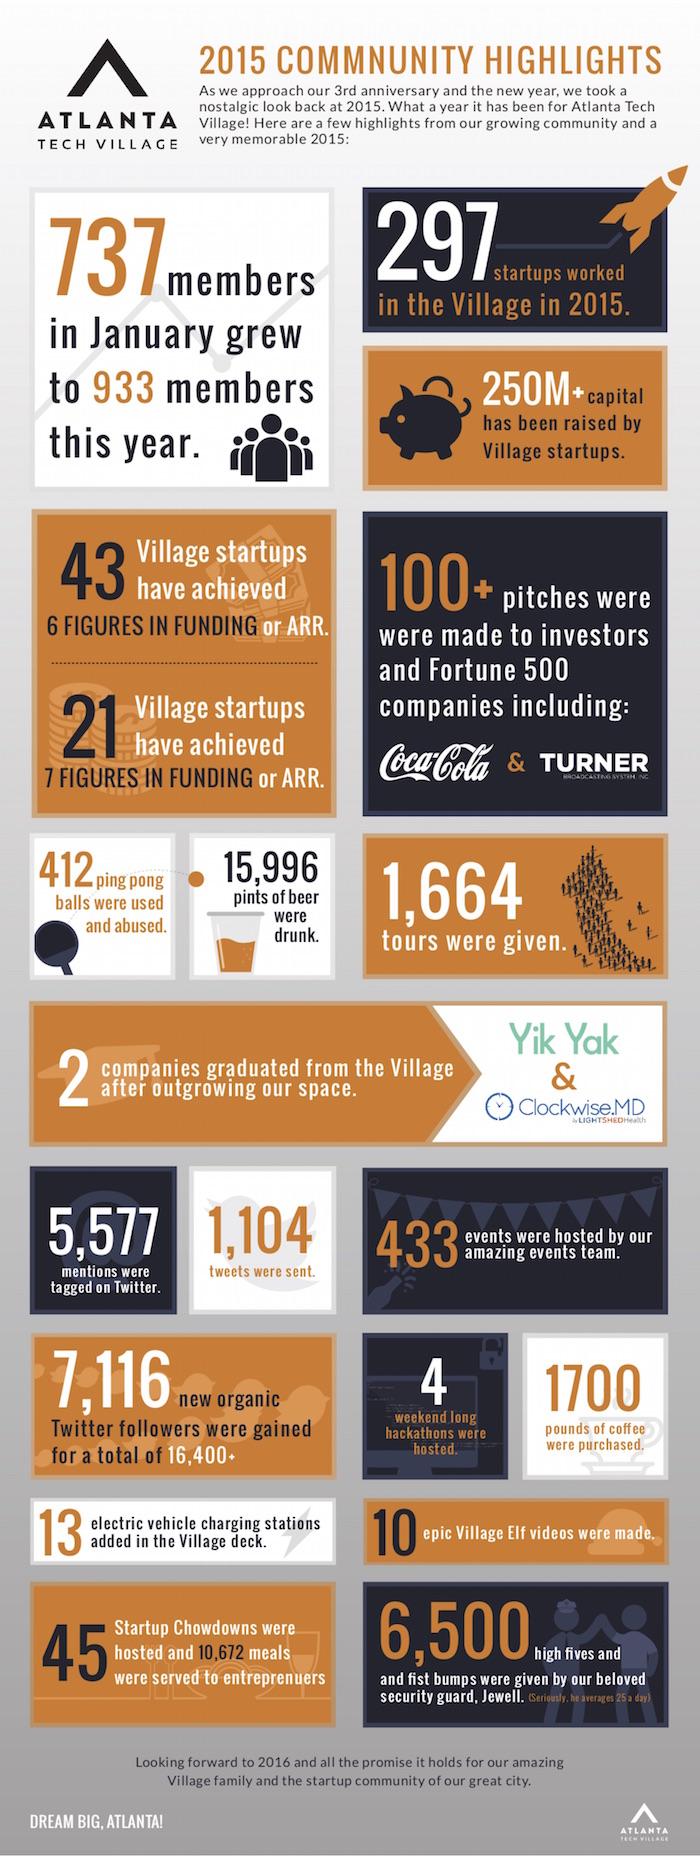 atv-infographic-2015